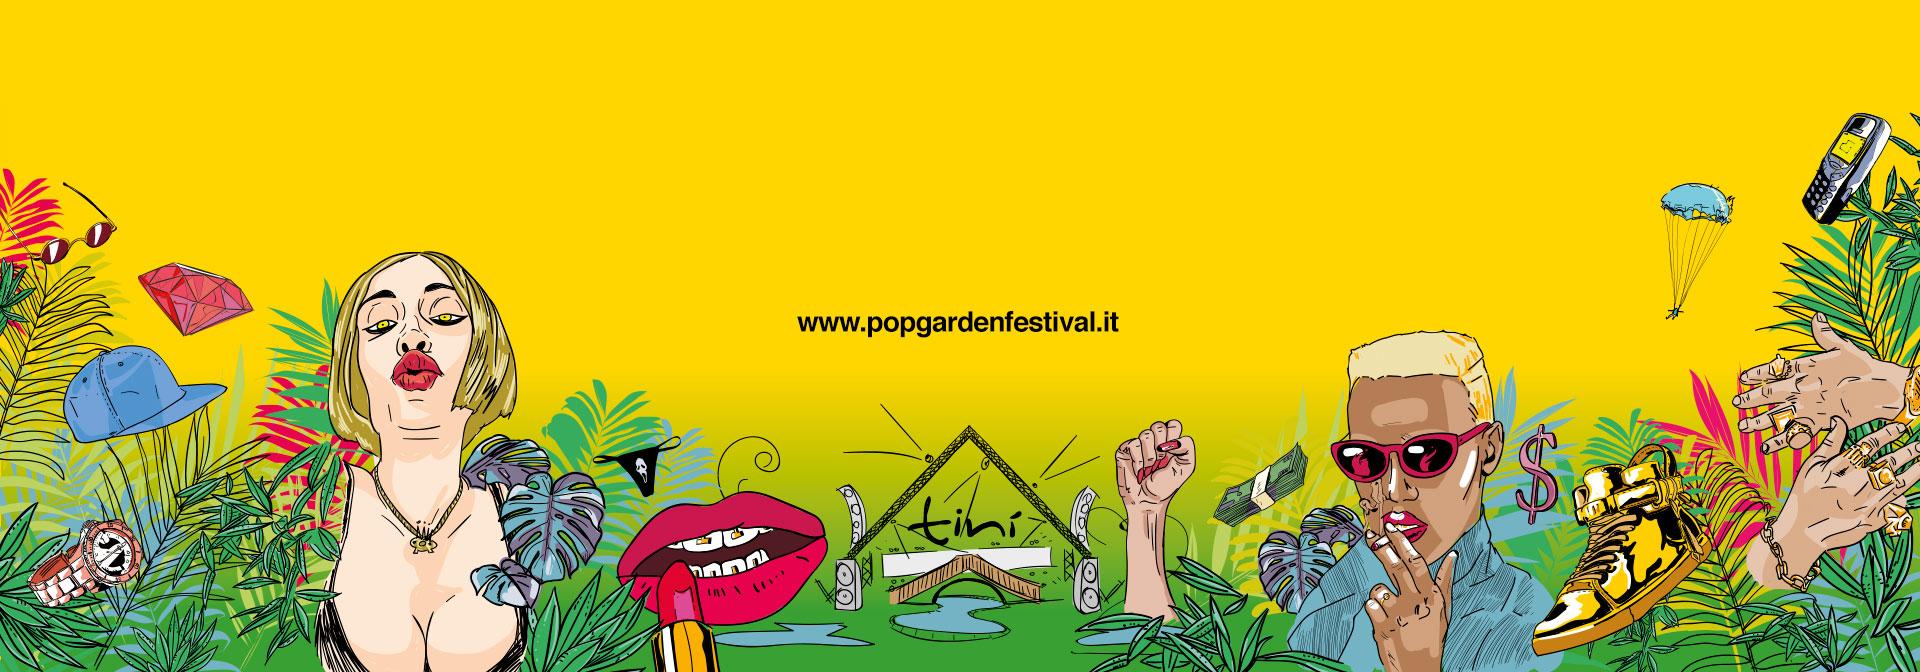 popgarden-footer